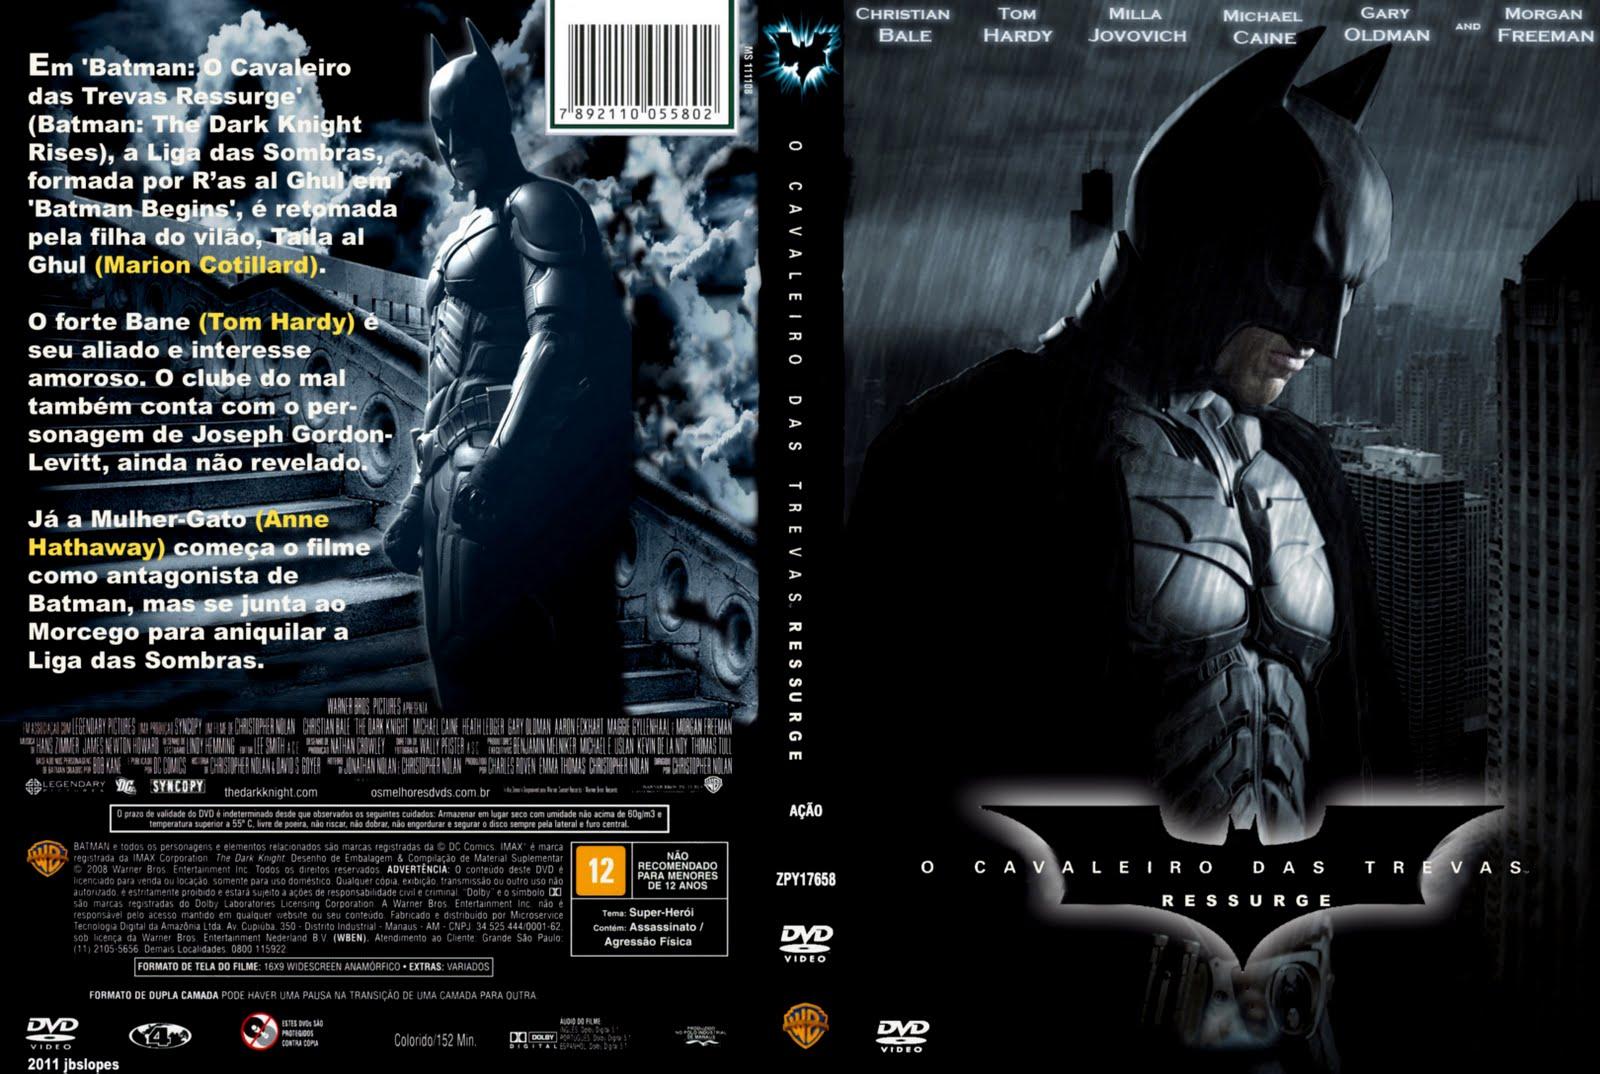 BAIXAR RMVB TREVAS BATMAN CAVALEIRO EM FILME O DAS